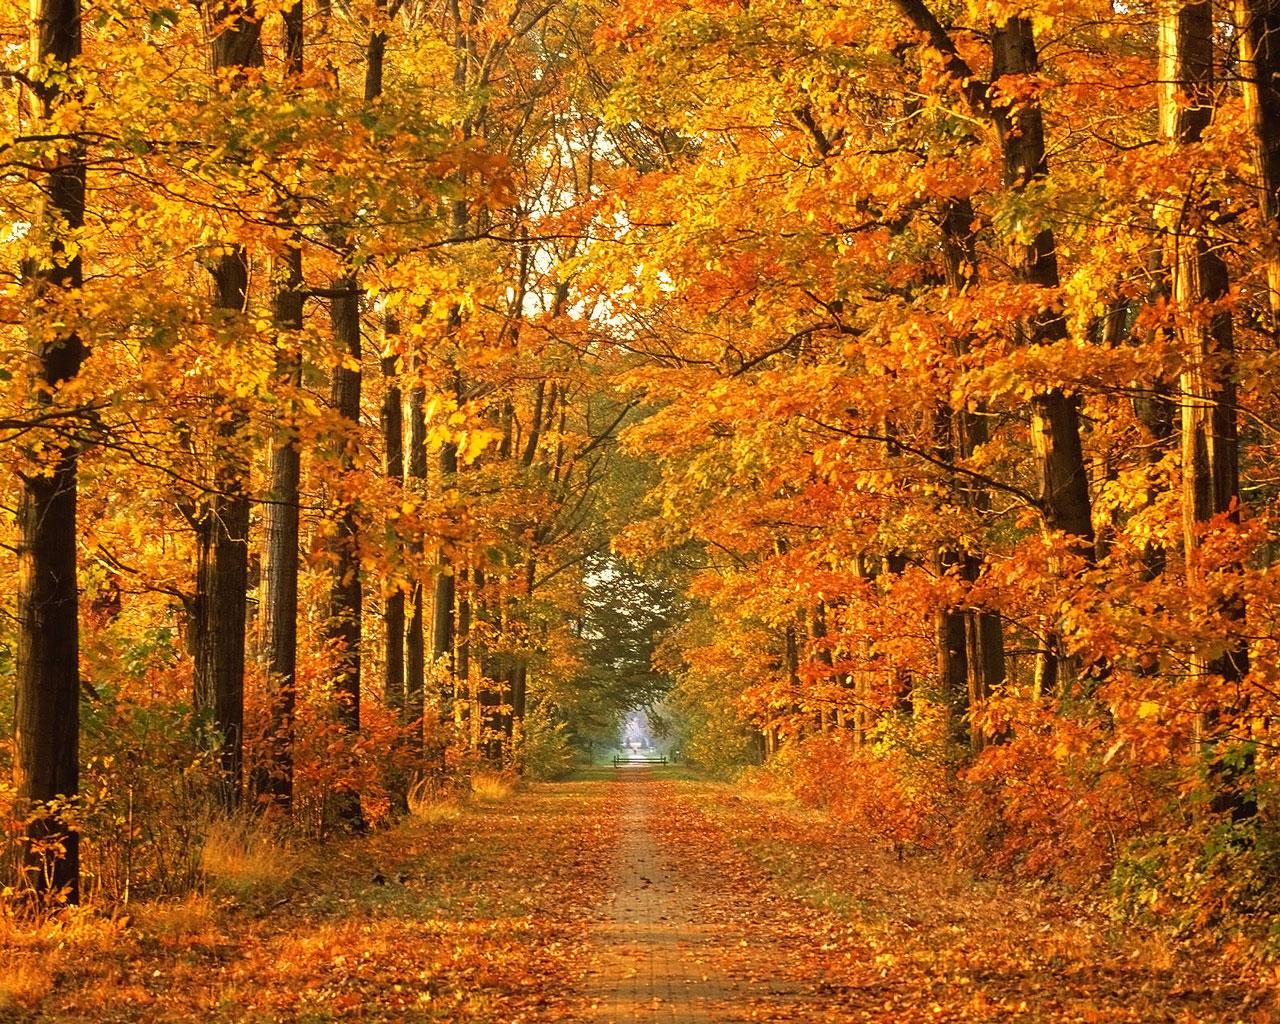 autumn wallpaper widescreen autumn forest wallpaper autumn wallpaper 1280x1024